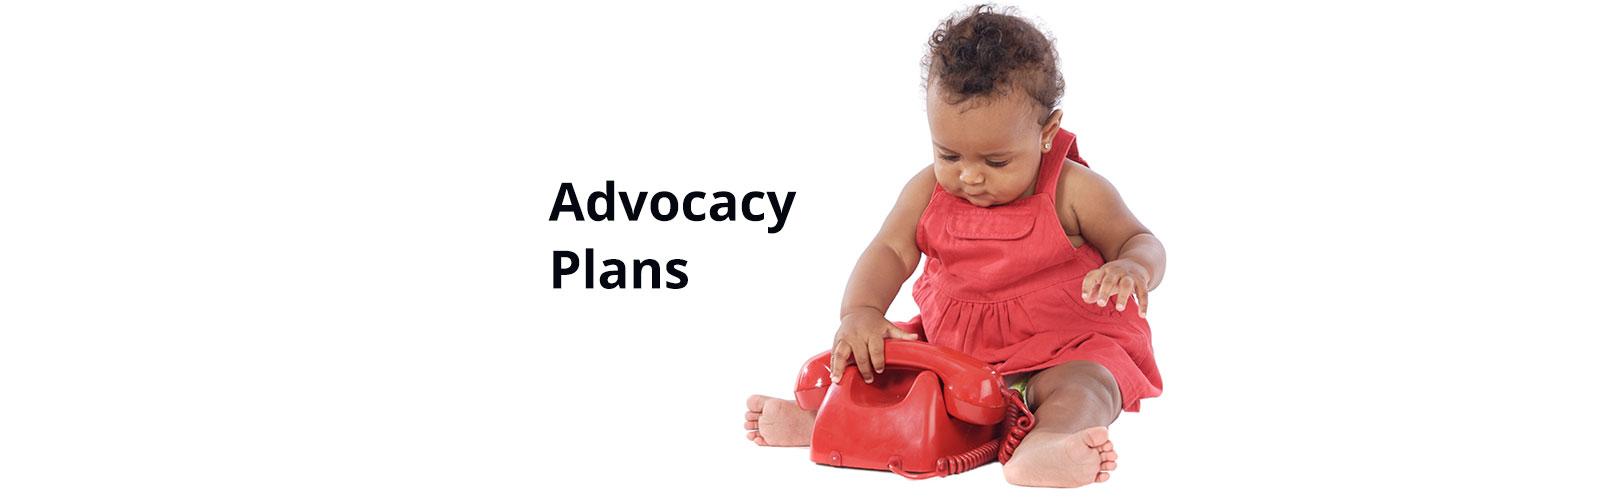 PN 3 Advocacy Plans